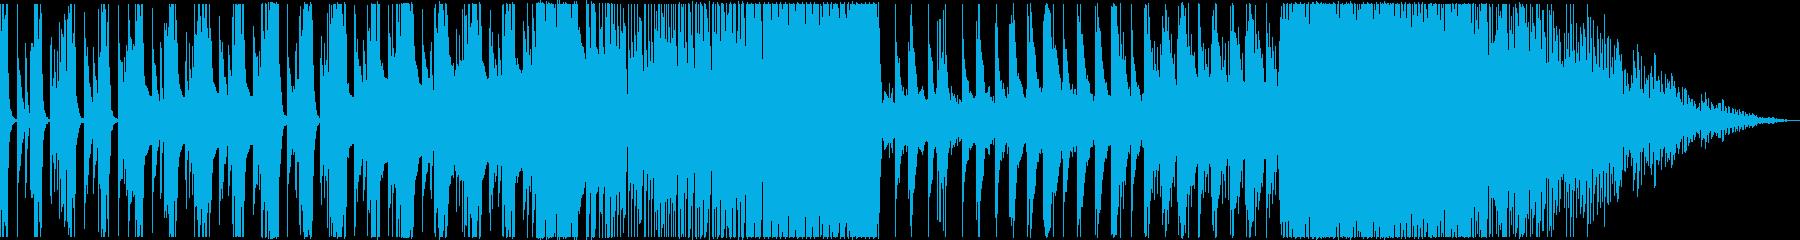 ピアノやシンセによる緊迫した雰囲気の楽曲の再生済みの波形